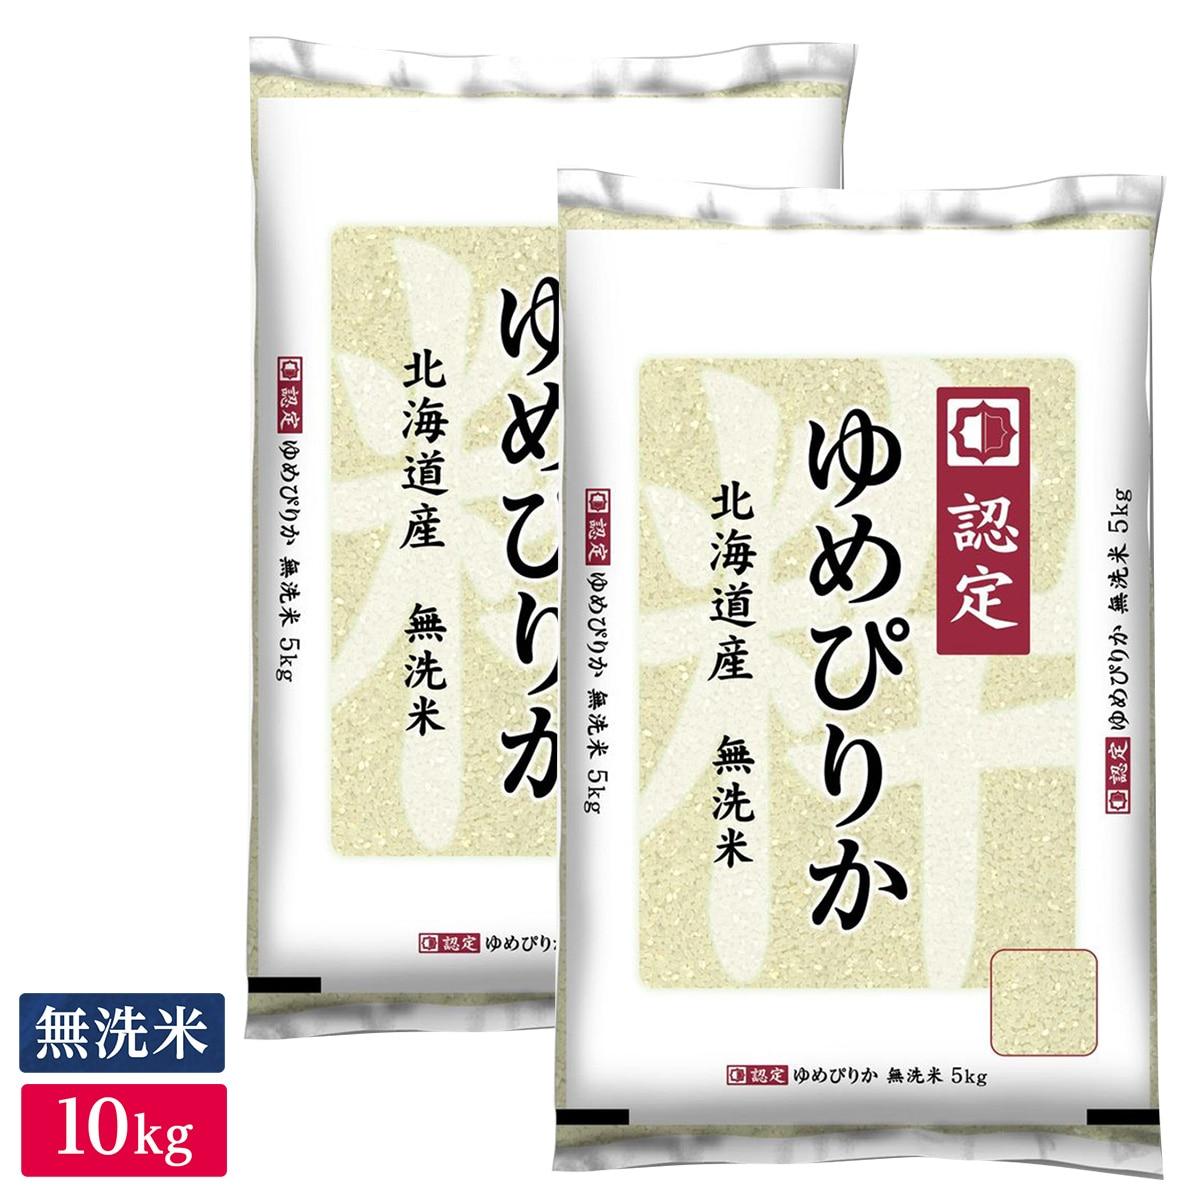 むらせライス ■【無洗米】新米 令和2年産 北海道産 ゆめぴりか 10kg(5kg×2袋) 25700